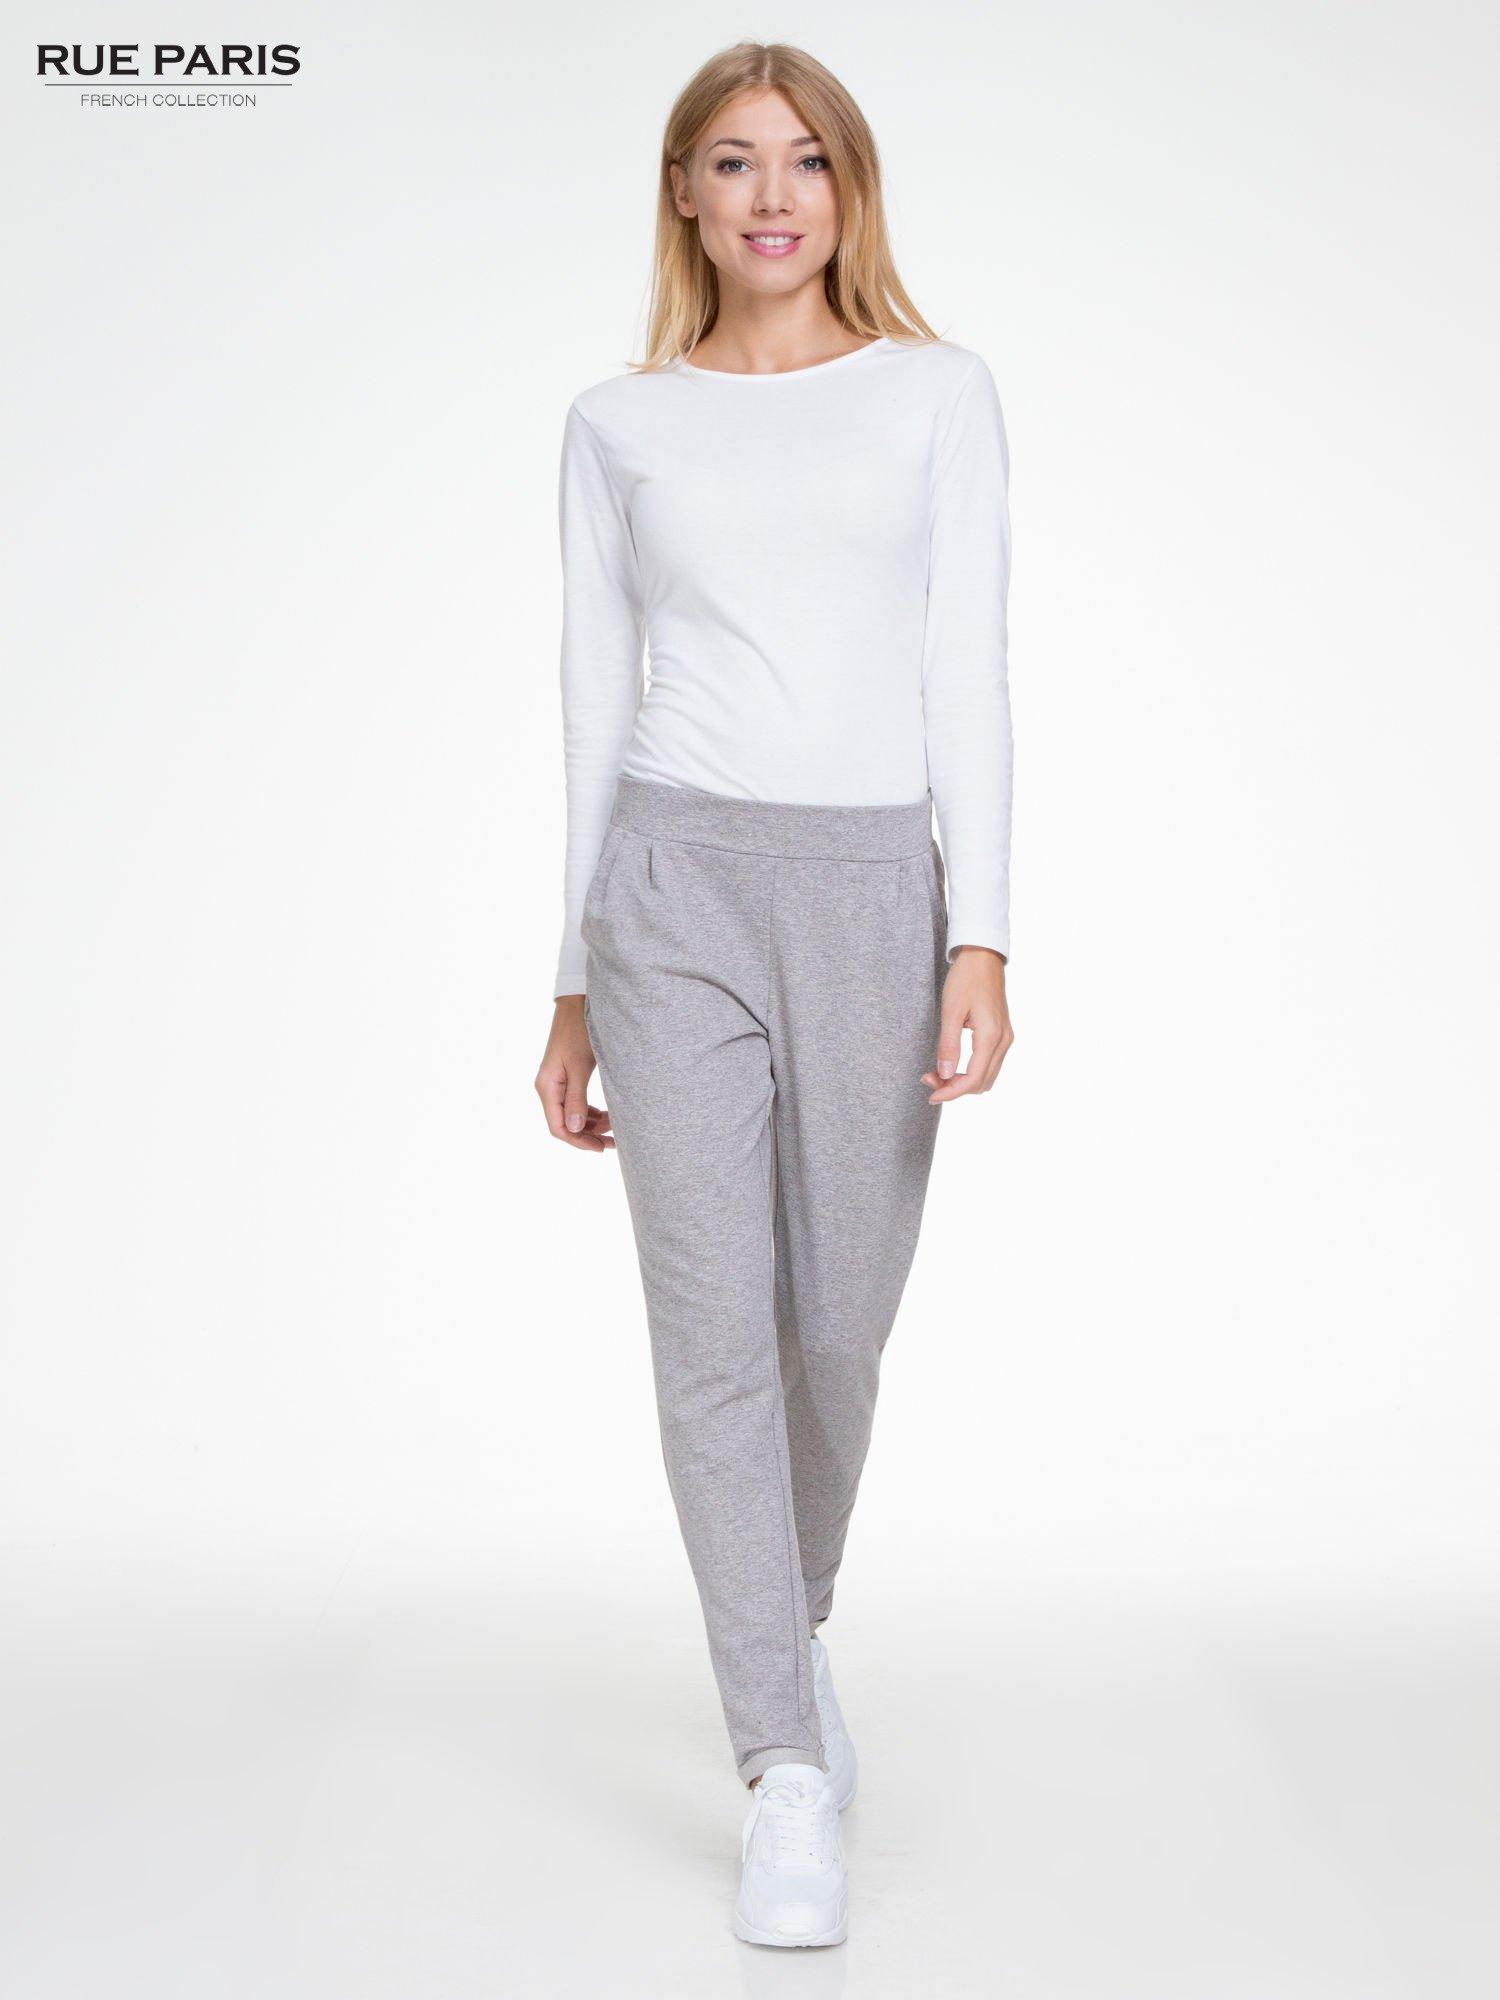 Szare spodnie dresowe z zakładkami przy kieszeniach                                  zdj.                                  2